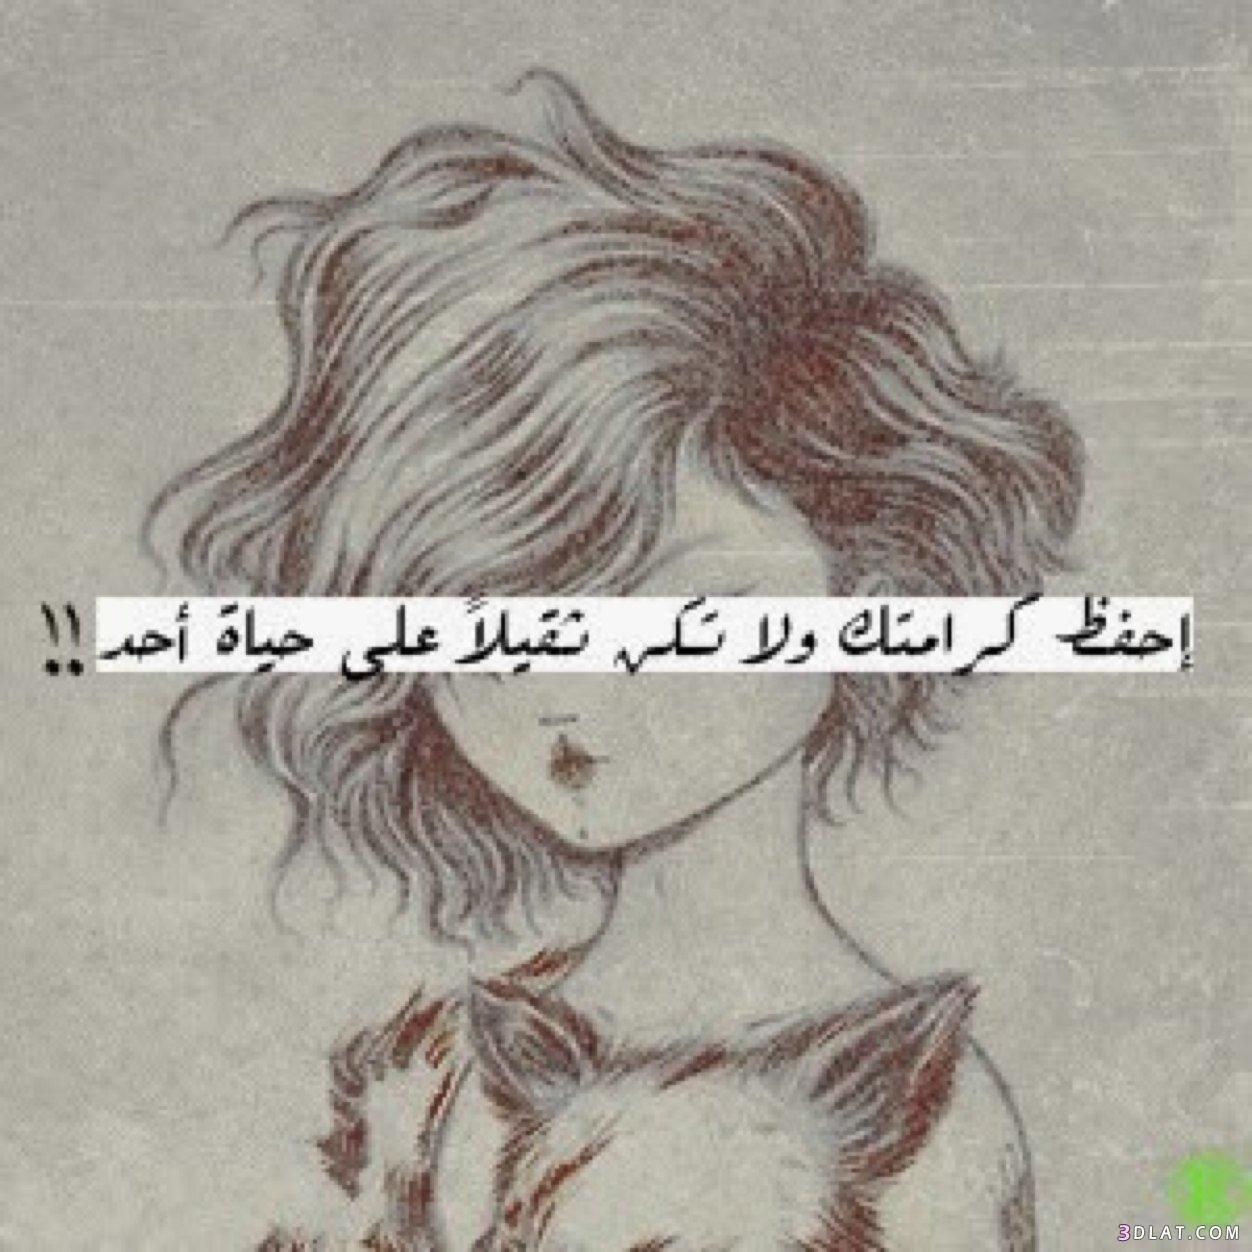 بوستات فيس بوك جديدة 2019 عبارات فيسبوك 2019 Arabic Quotes Words More Than Words